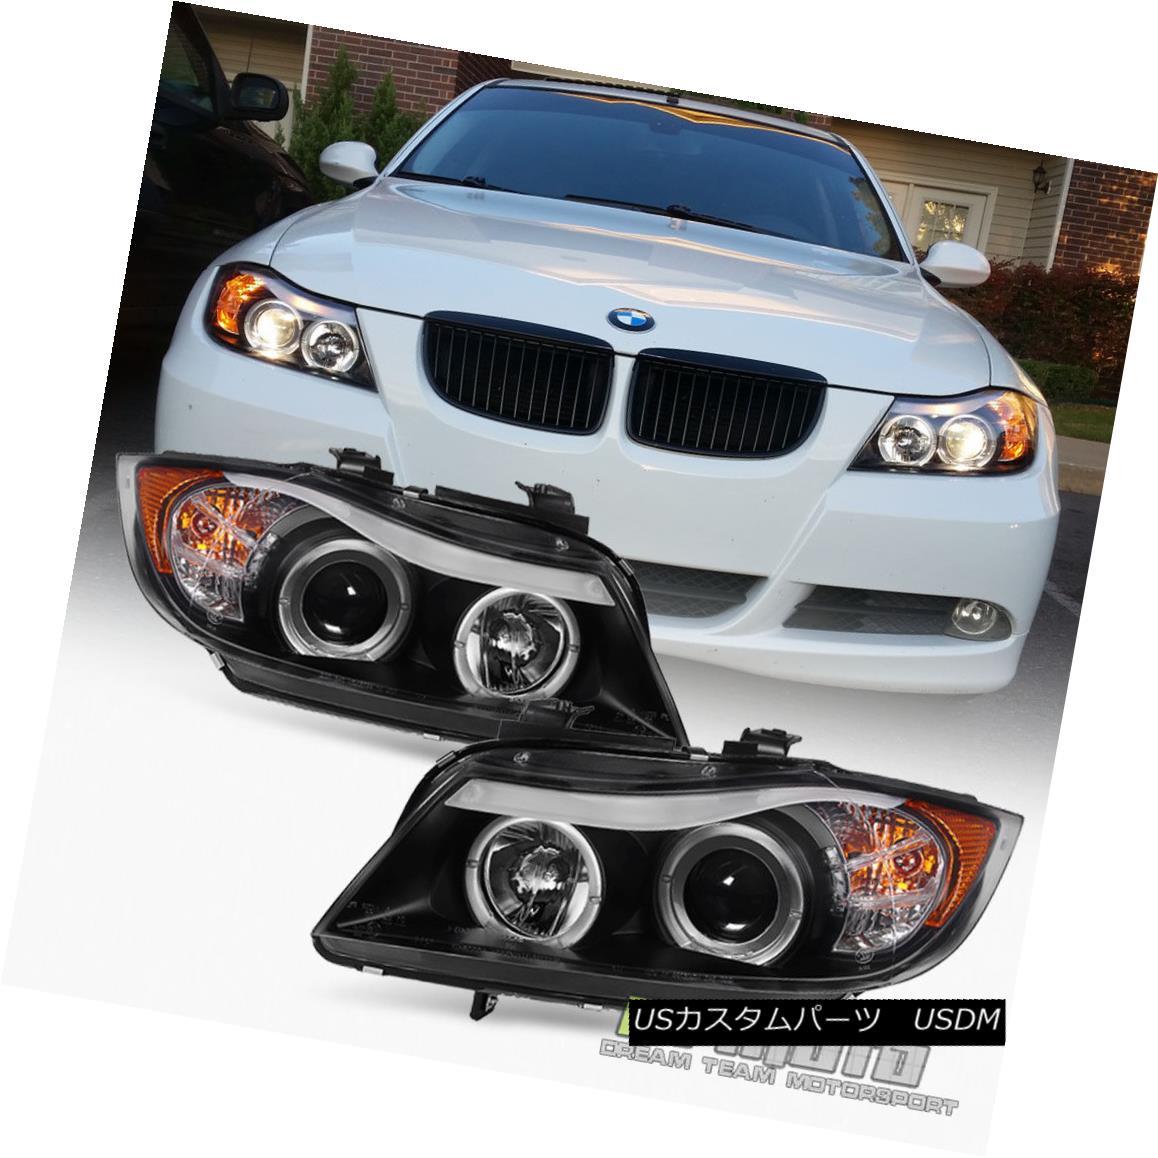 ヘッドライト Blk 2006 2007 2008 BMW E90 3-Series Sedan LED Eye Lid Halo Projector Headlights Blk 2006 2007 2008 BMW E90 3シリーズセダンLEDアイリッドハロープロジェクターヘッドライト